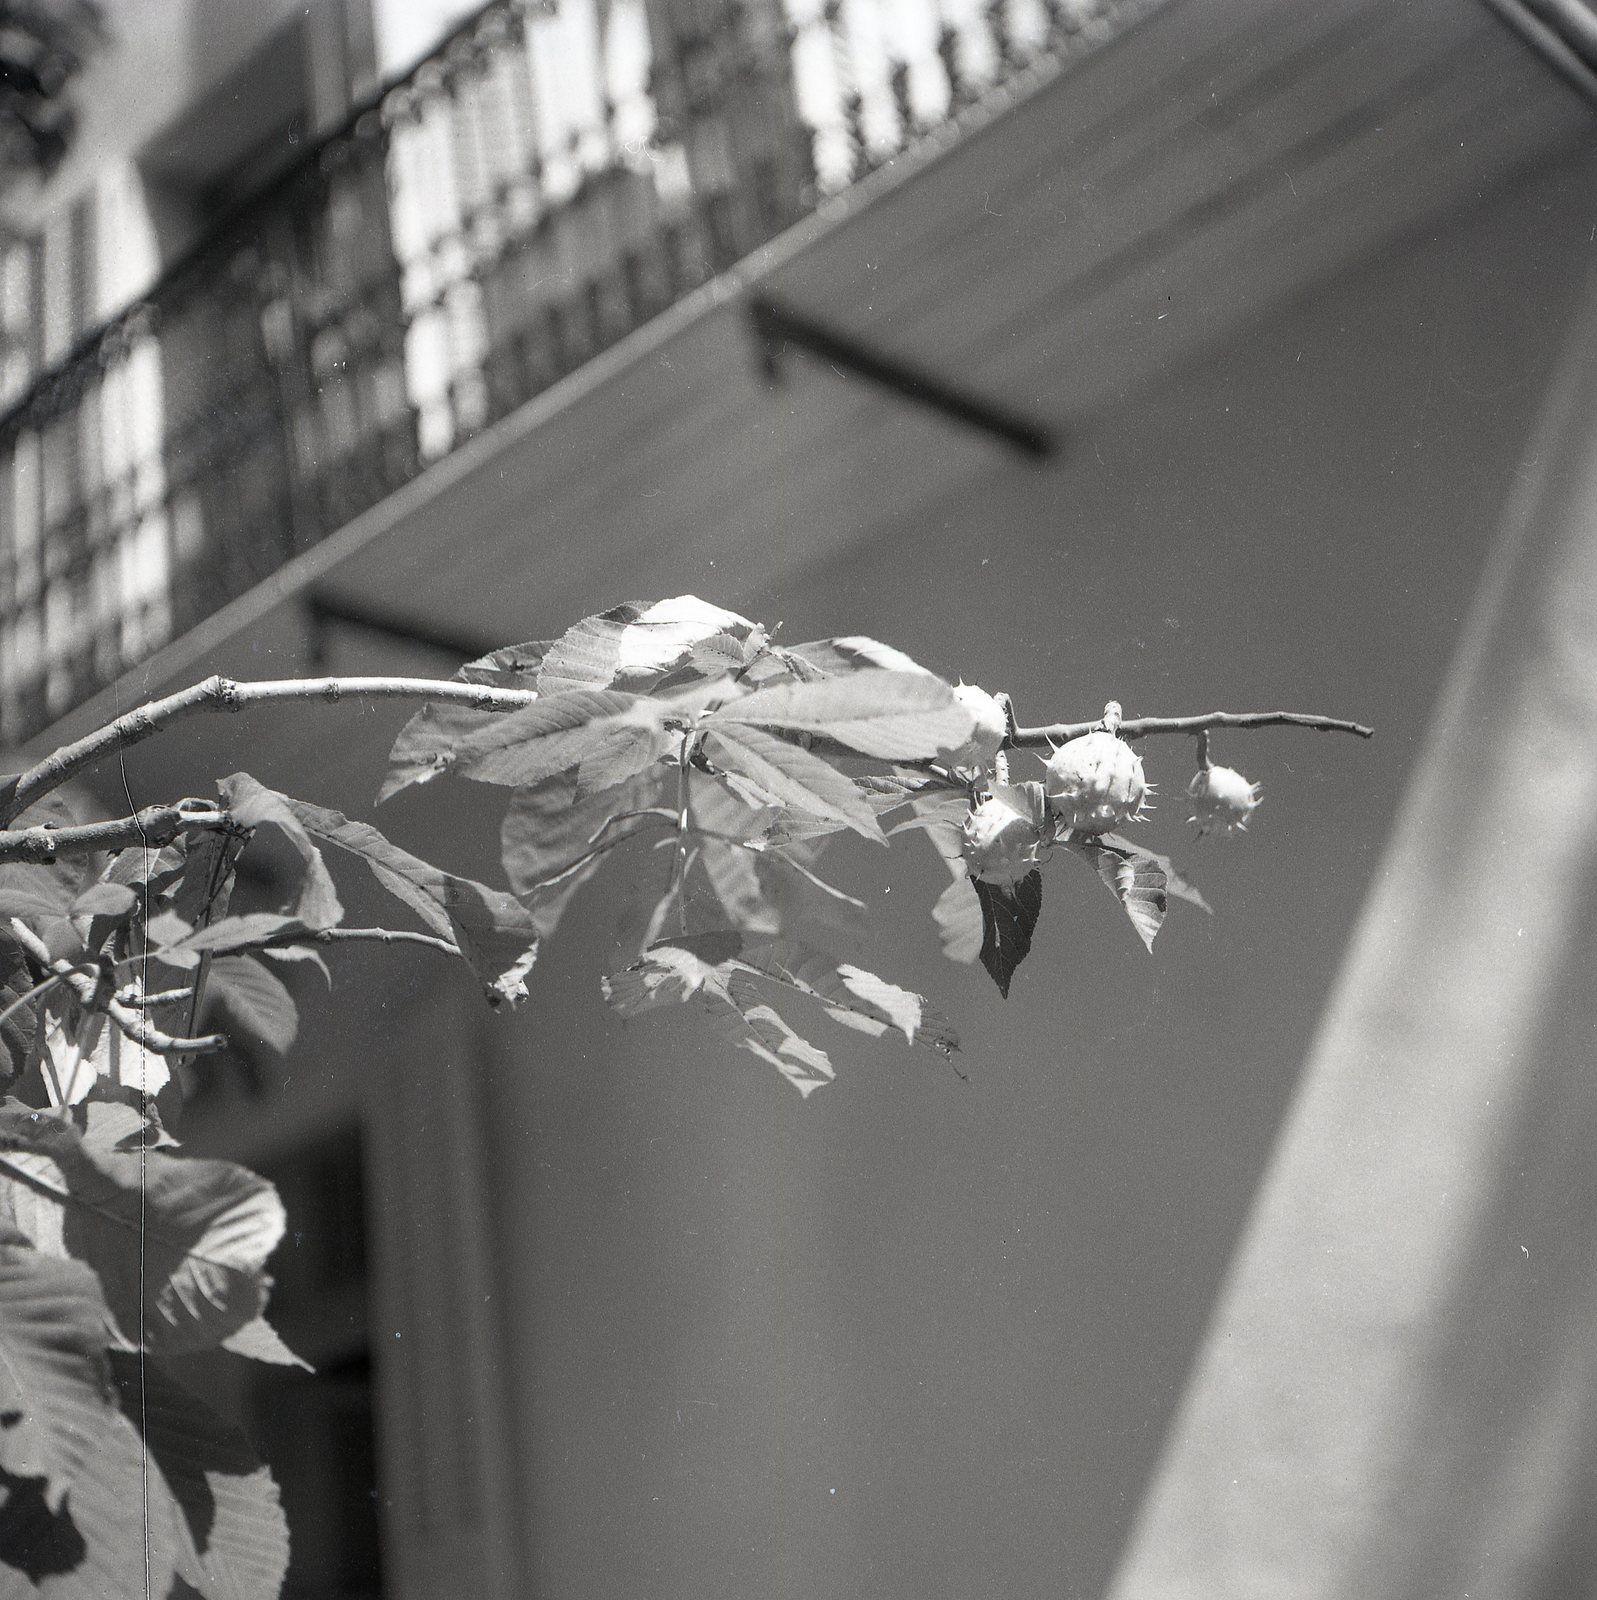 Dans l'arbre privé de fruits et de feuilles (Poème de Guillevic)